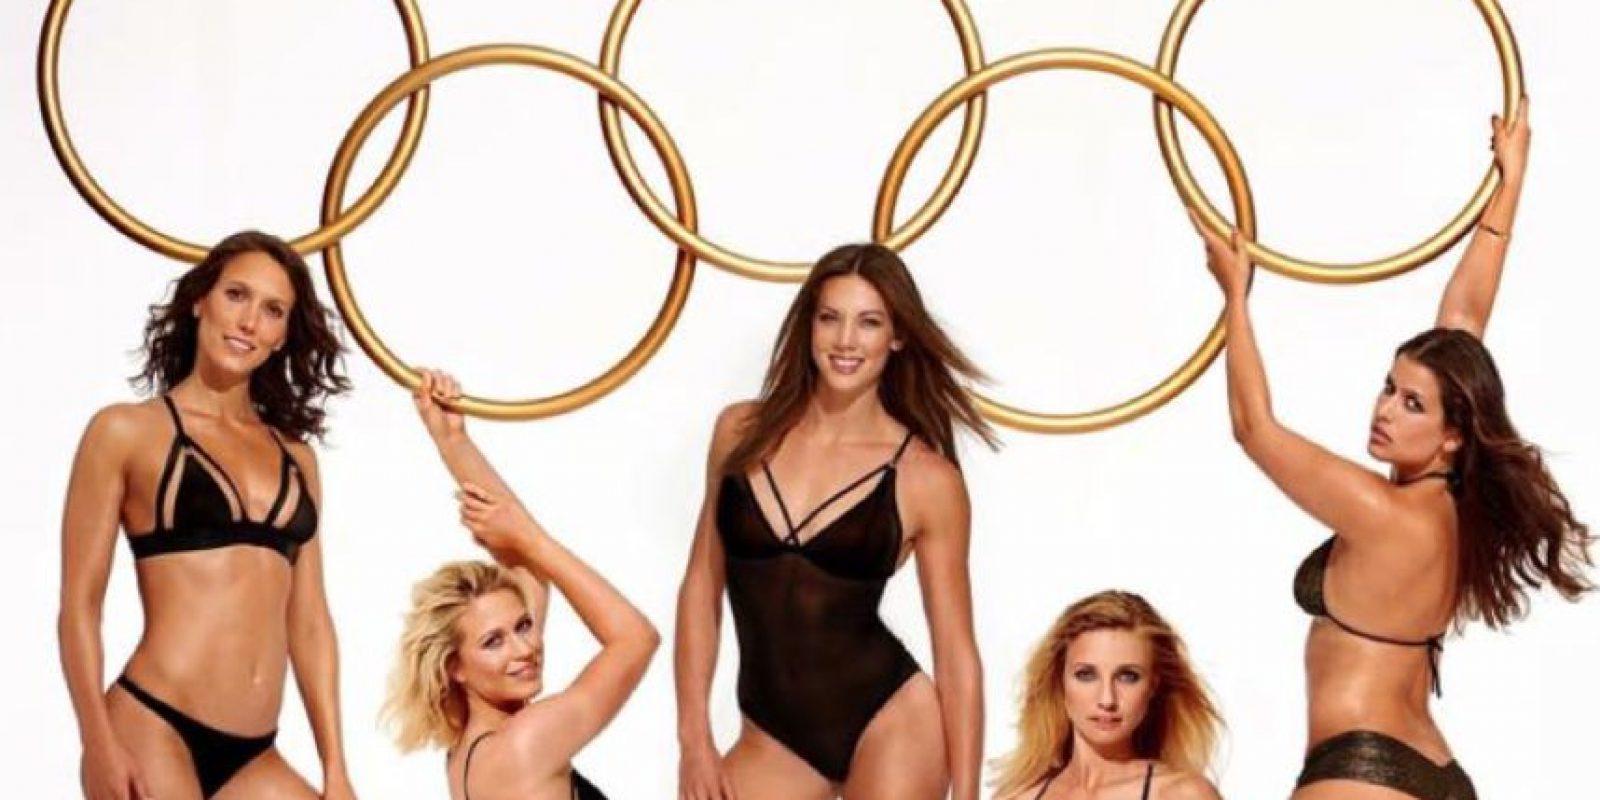 5 atletas alemanas se desnudan para Playboy Foto:Playboy